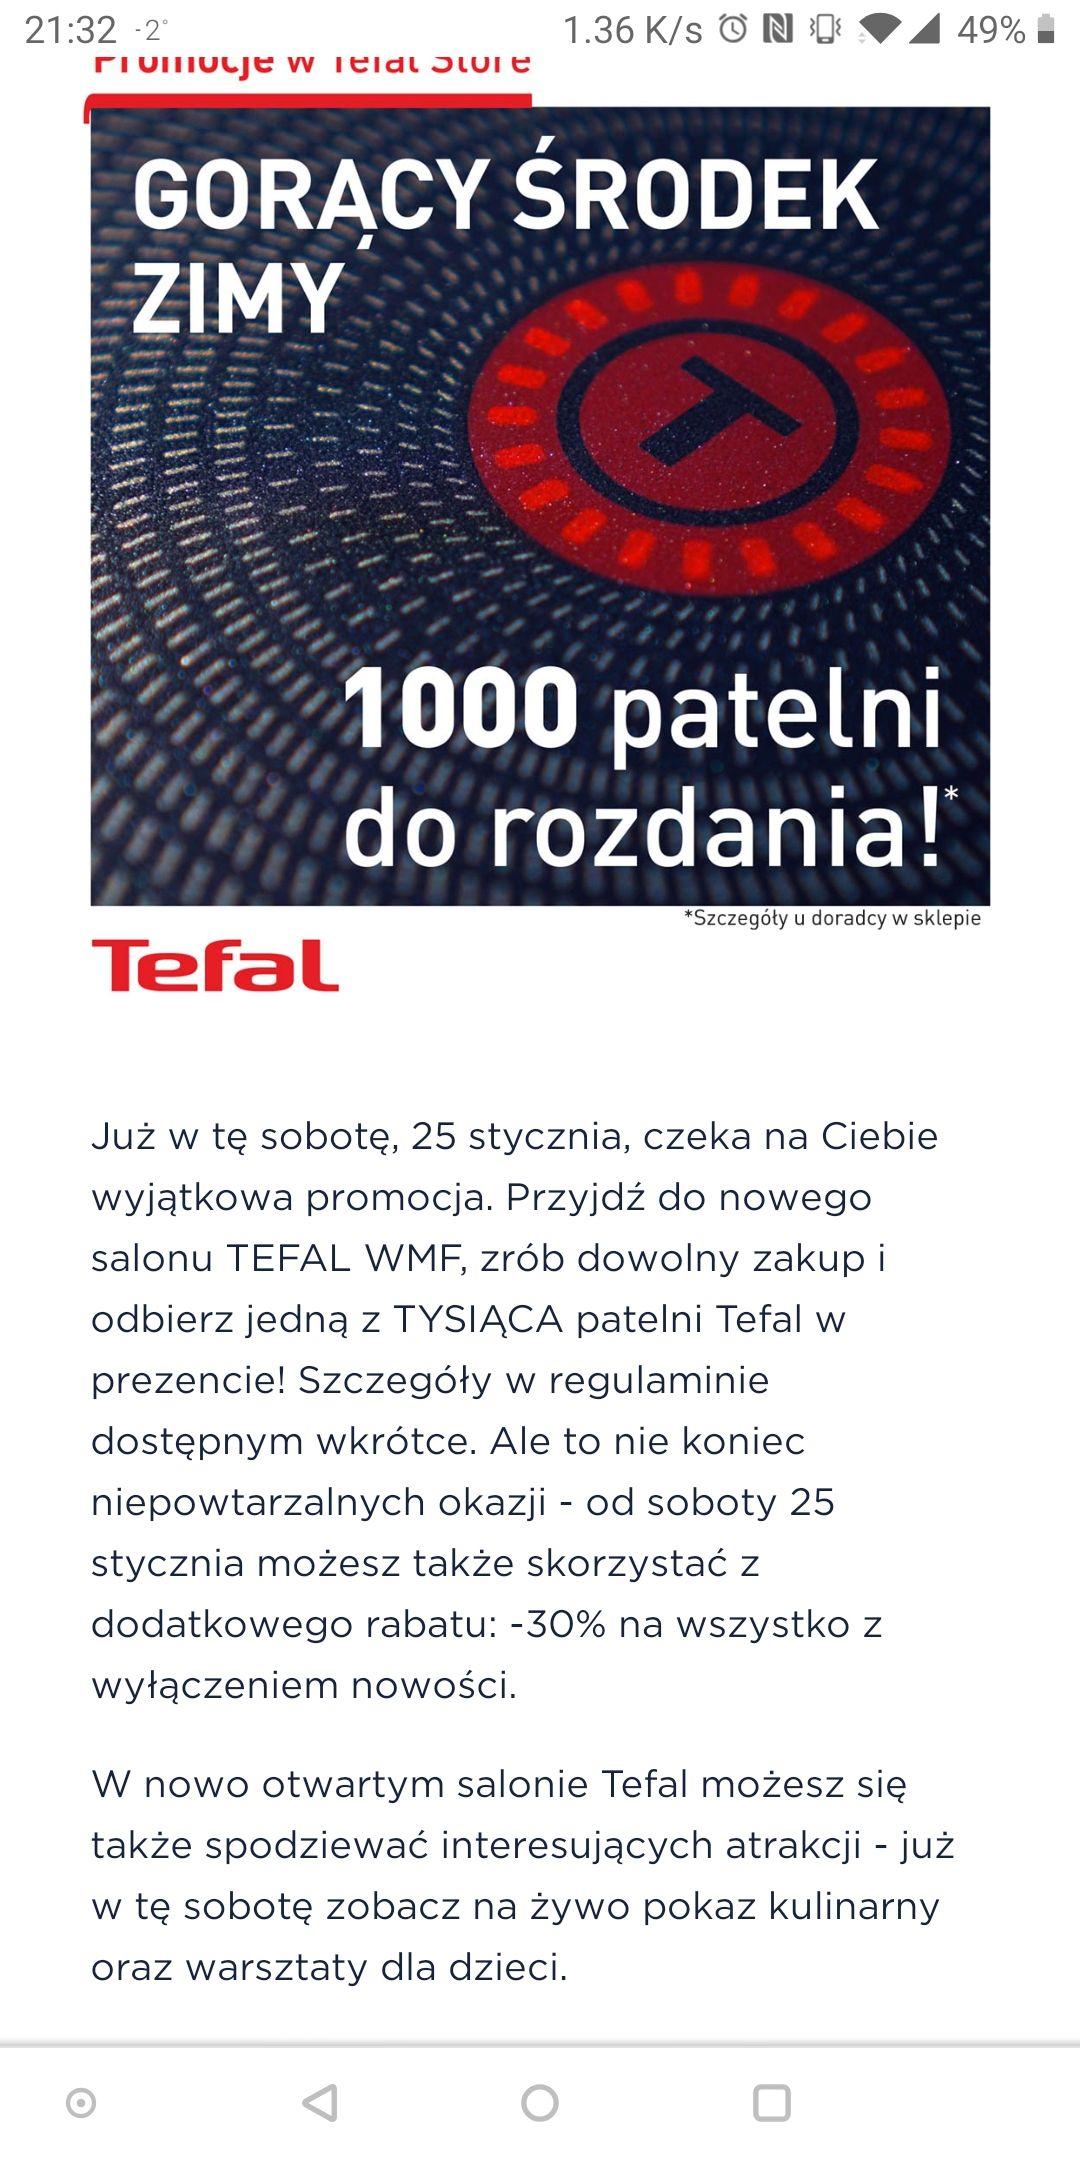 1000 patelni Tefal dla 1000 pierwszych klientów (Wrocław)